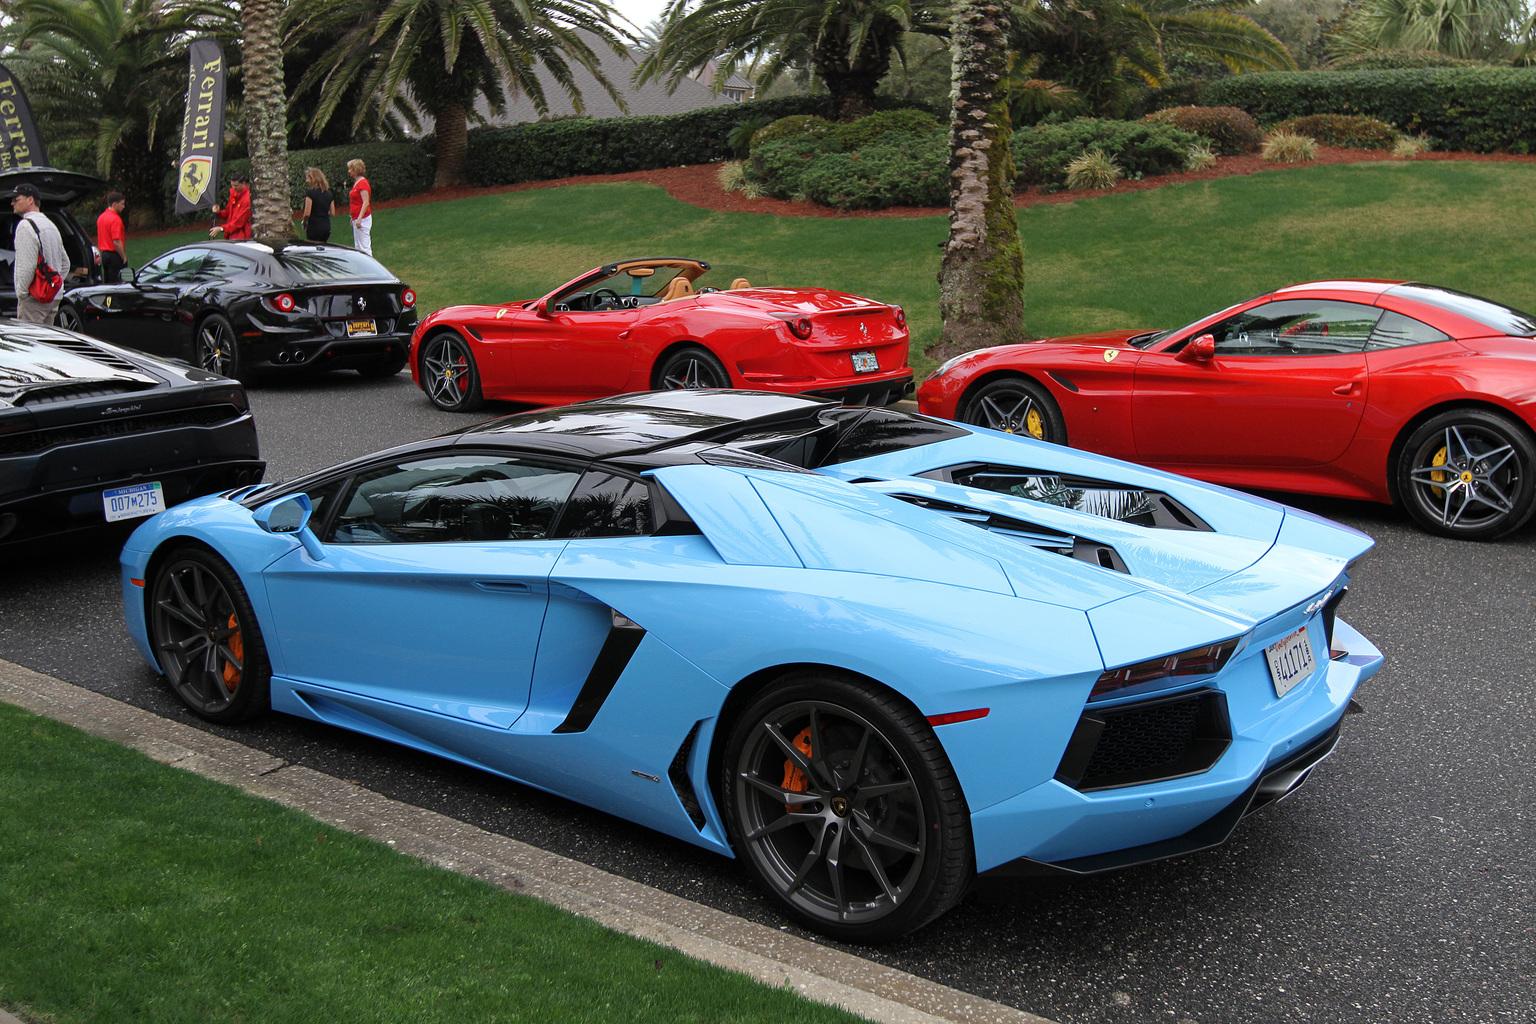 2012 Lamborghini Aventador LP 700-4 Roadster Gallery